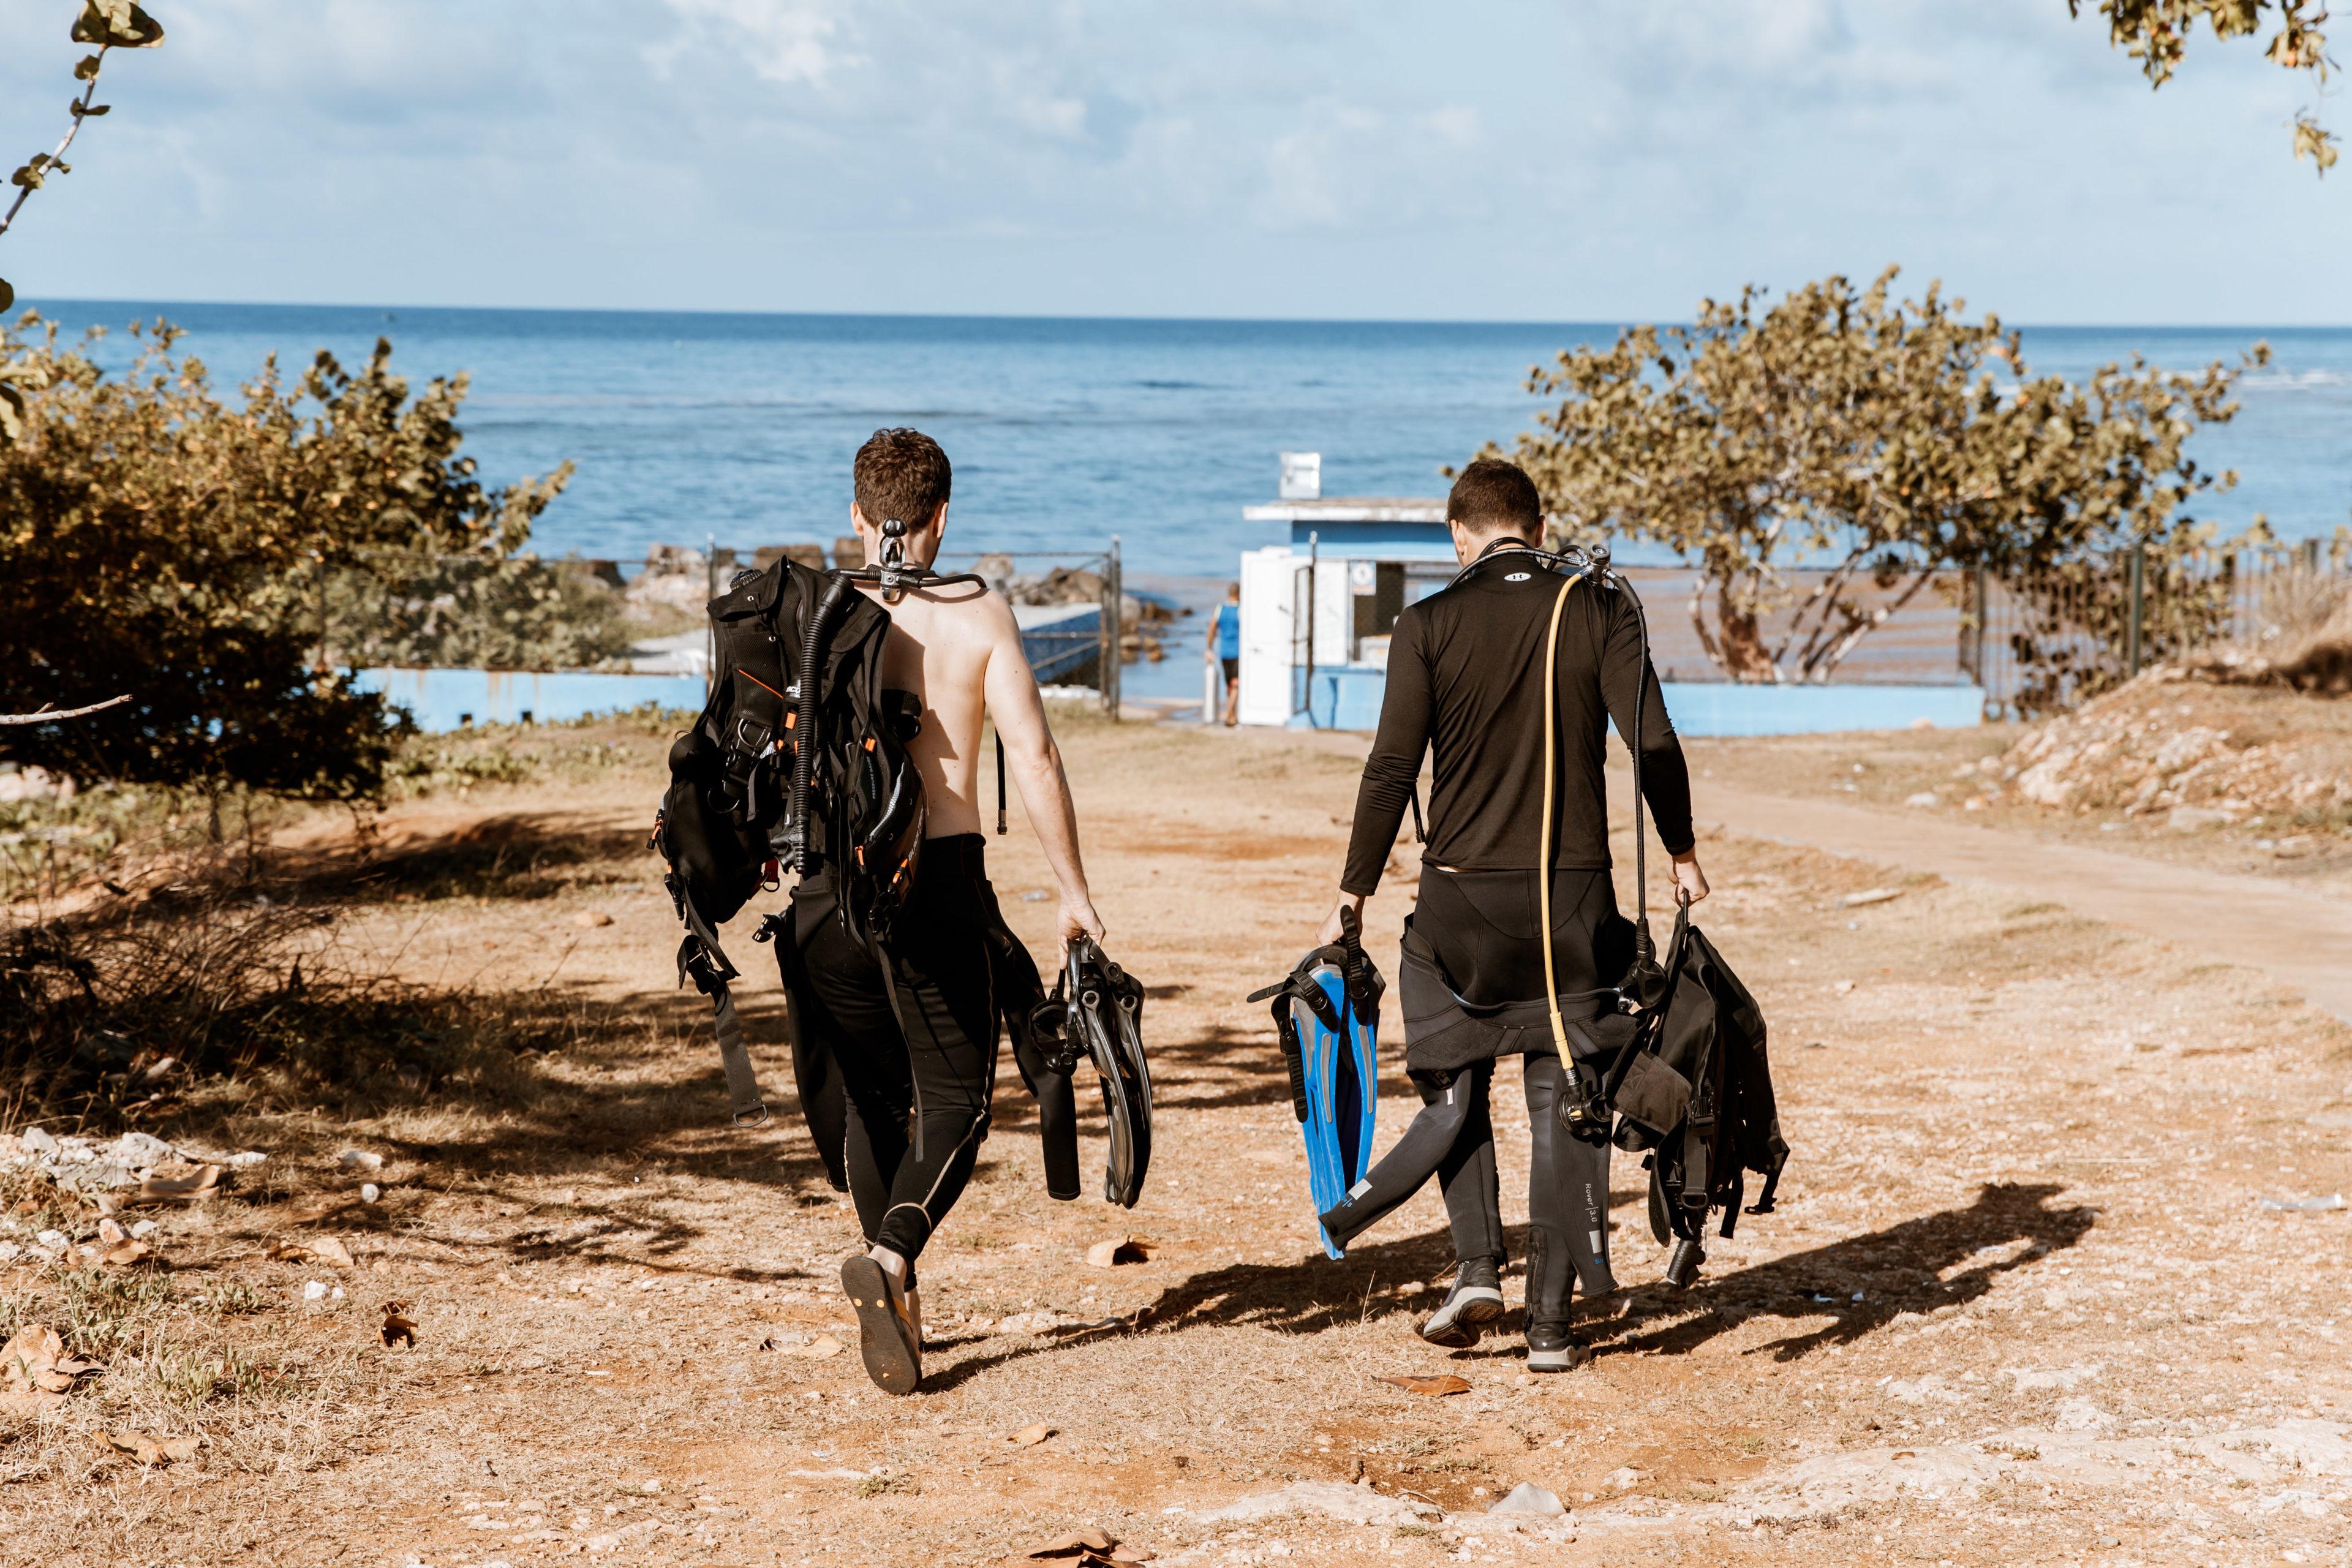 Taucher auf dem Weg zum Wasser in der Nähe von Trinidad